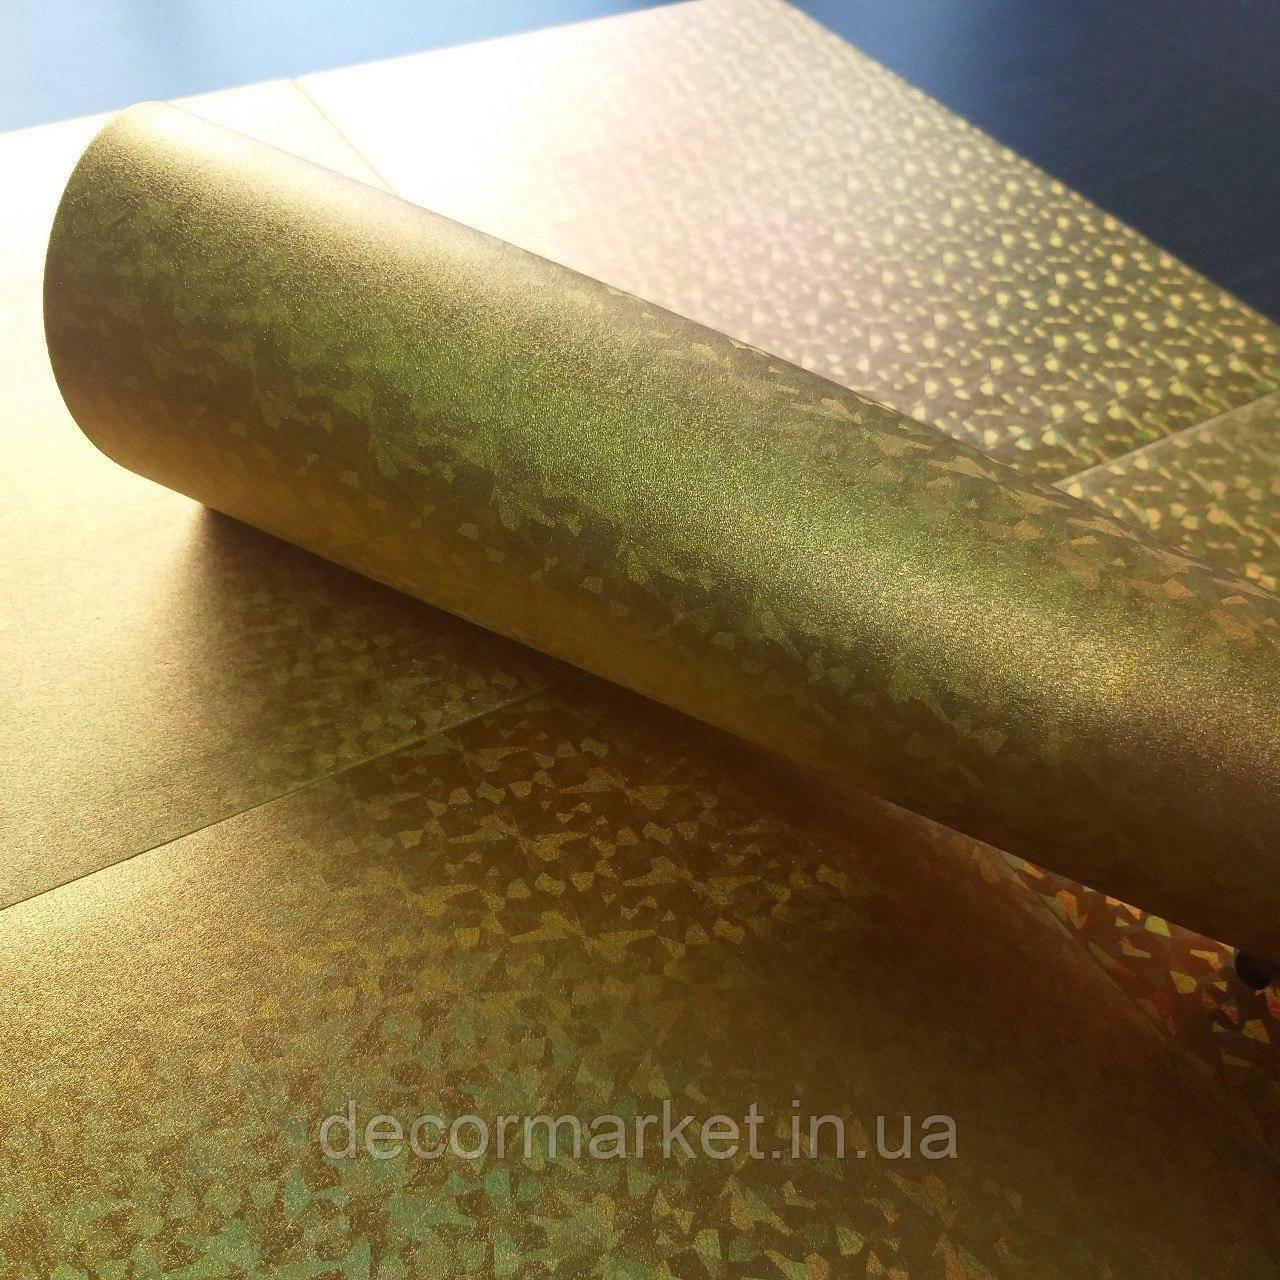 Фоамиран Голография золото металлик 30*21см упаковка